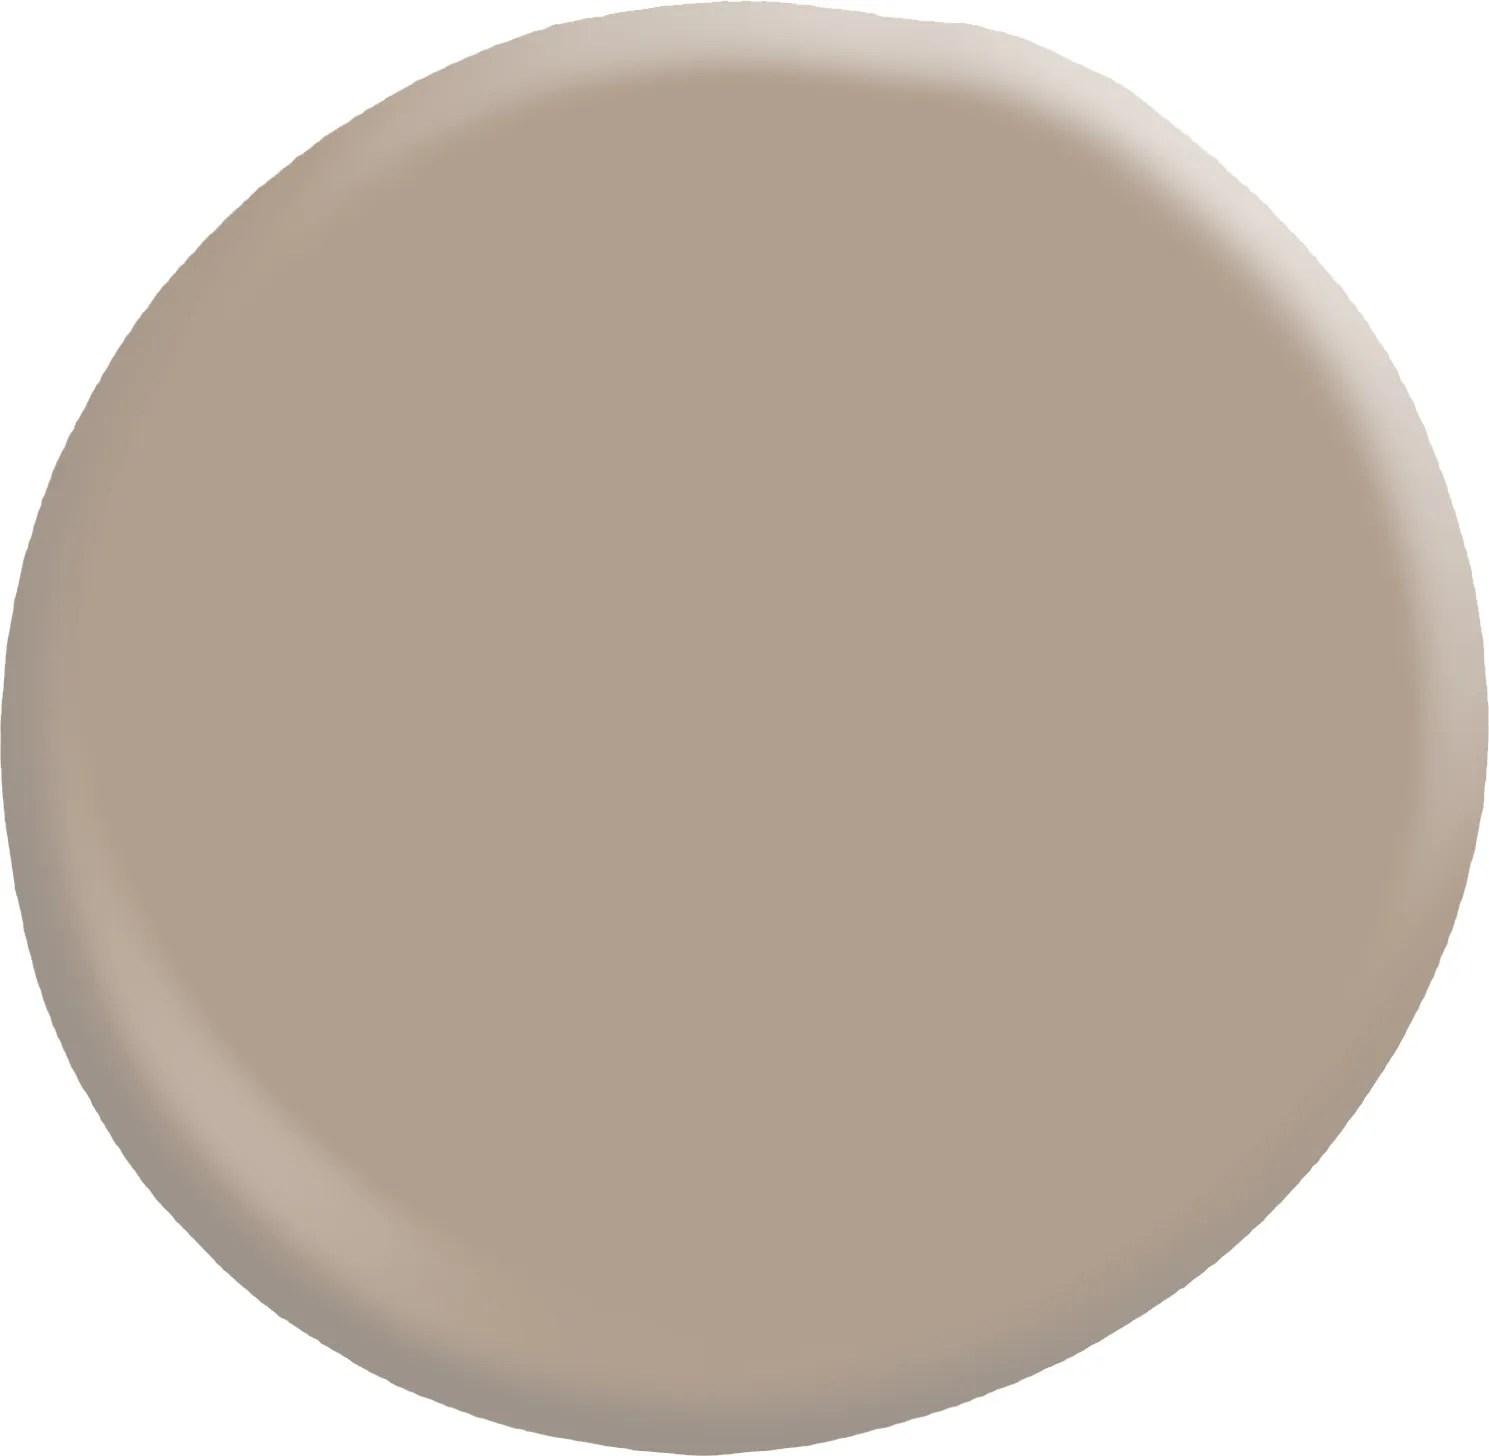 The Top 10 Best Selling Valspar Paint Colors Architectural Digest